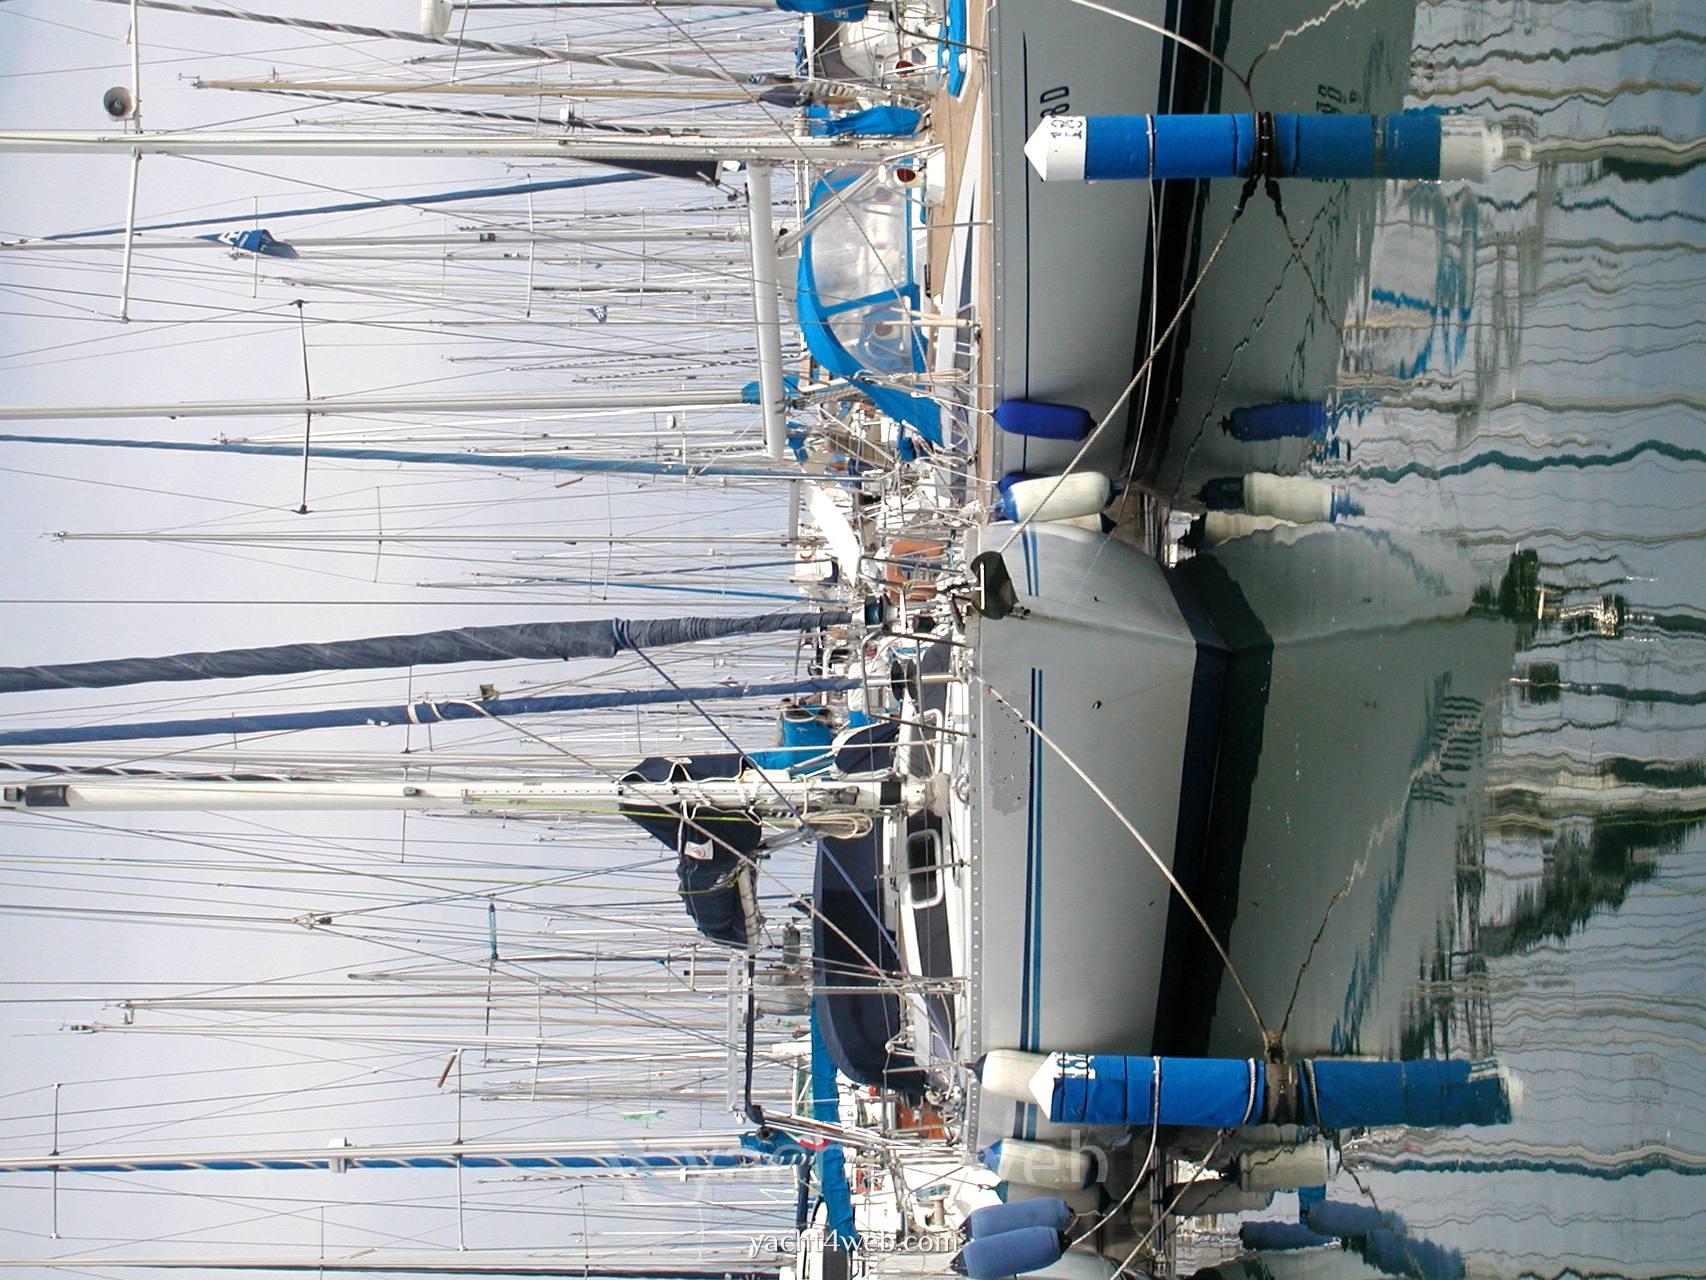 Comar Comet 15 Парусная лодка используется для продажи